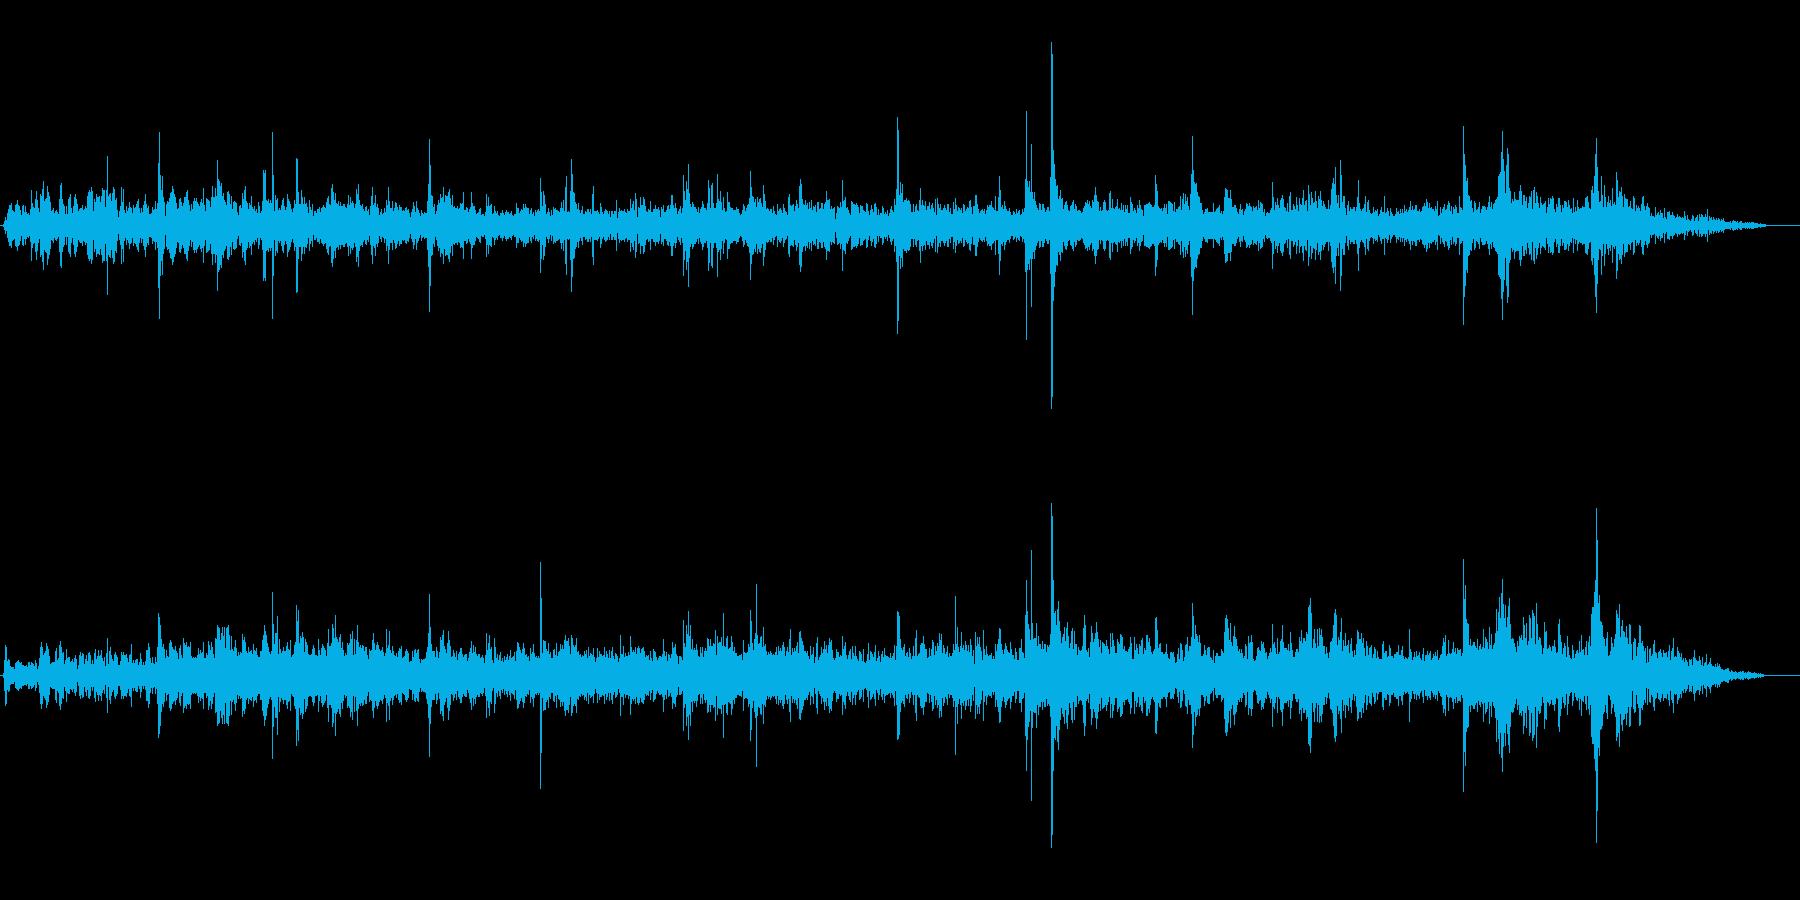 ピチョピチョ(洞窟の水滴)の再生済みの波形